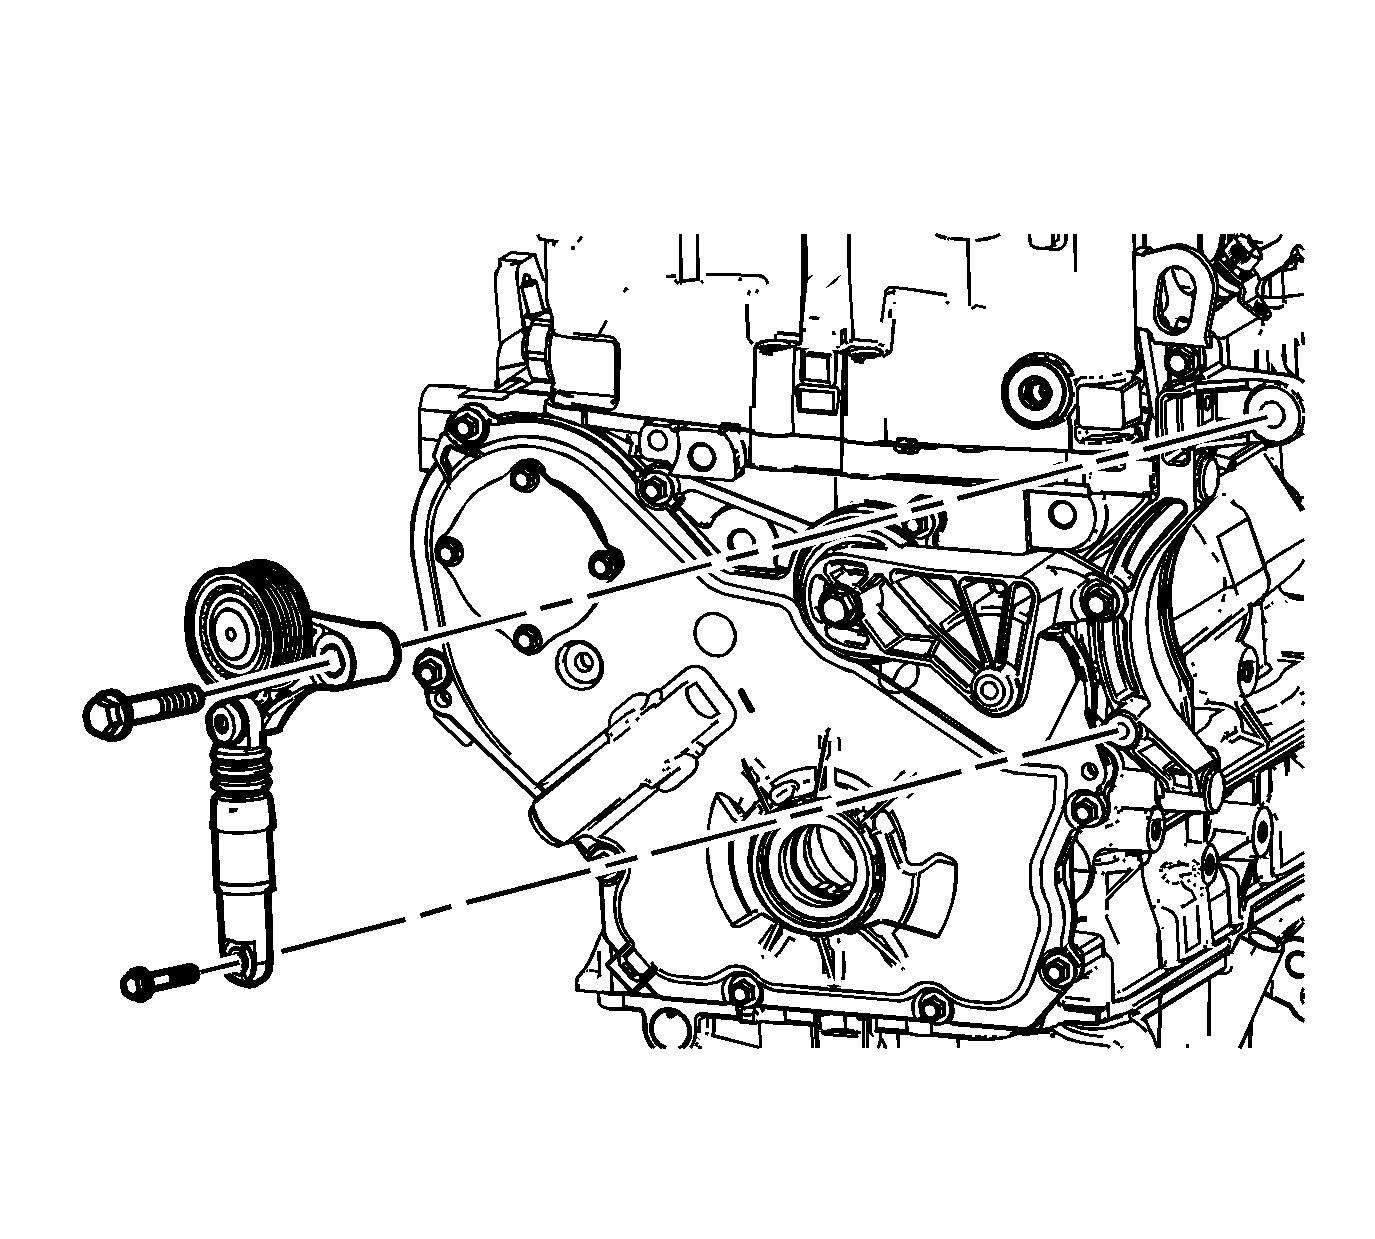 Saturn Vue Fuse Box Diagram Acura CL Fuse Box Diagram